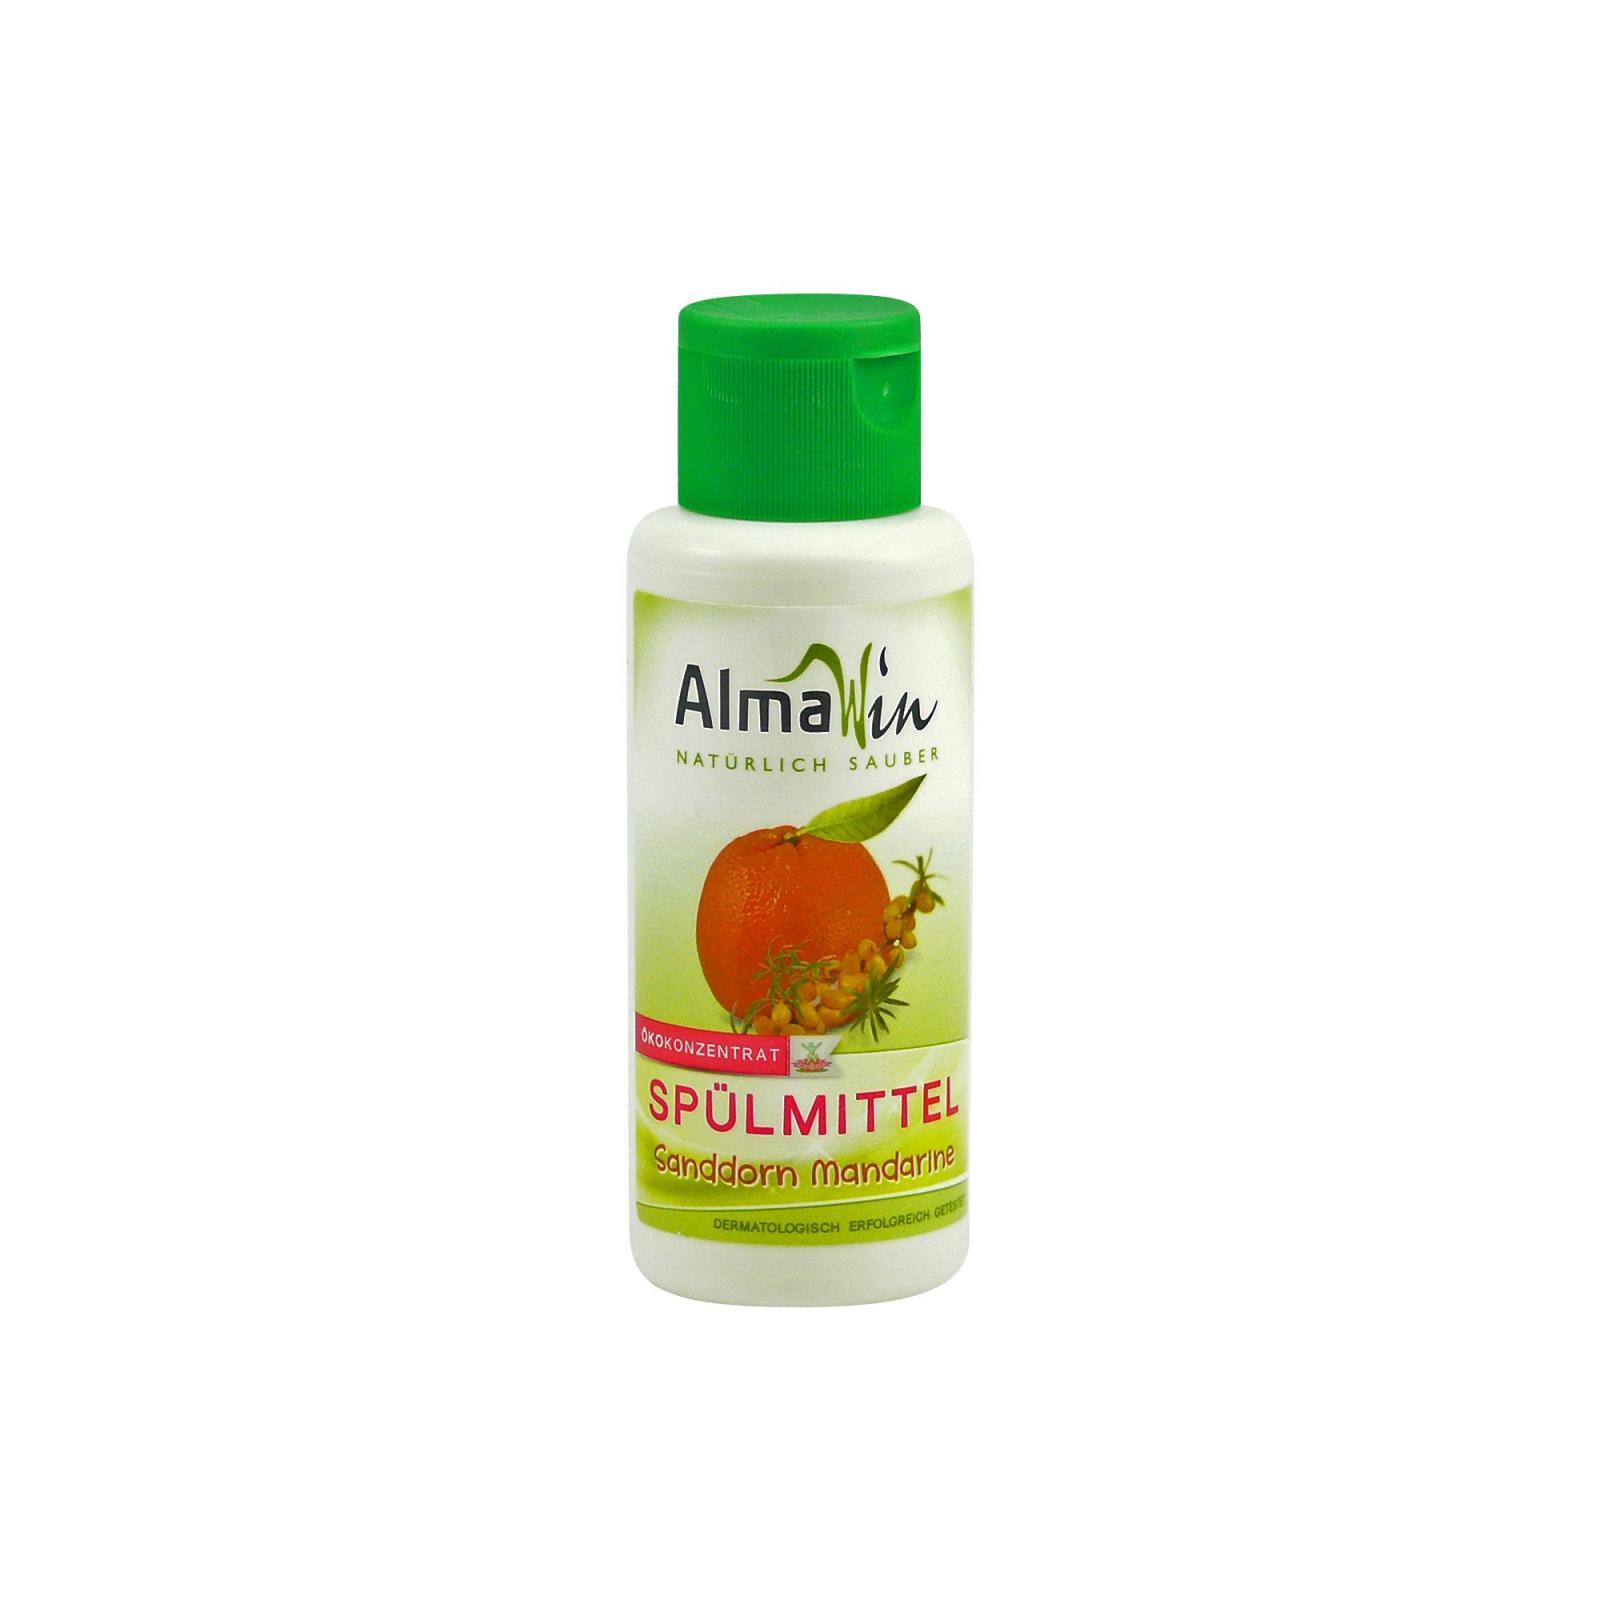 AlmaWin Prostředek na nádobí, bio rakytník & bio mandarinka 100 ml